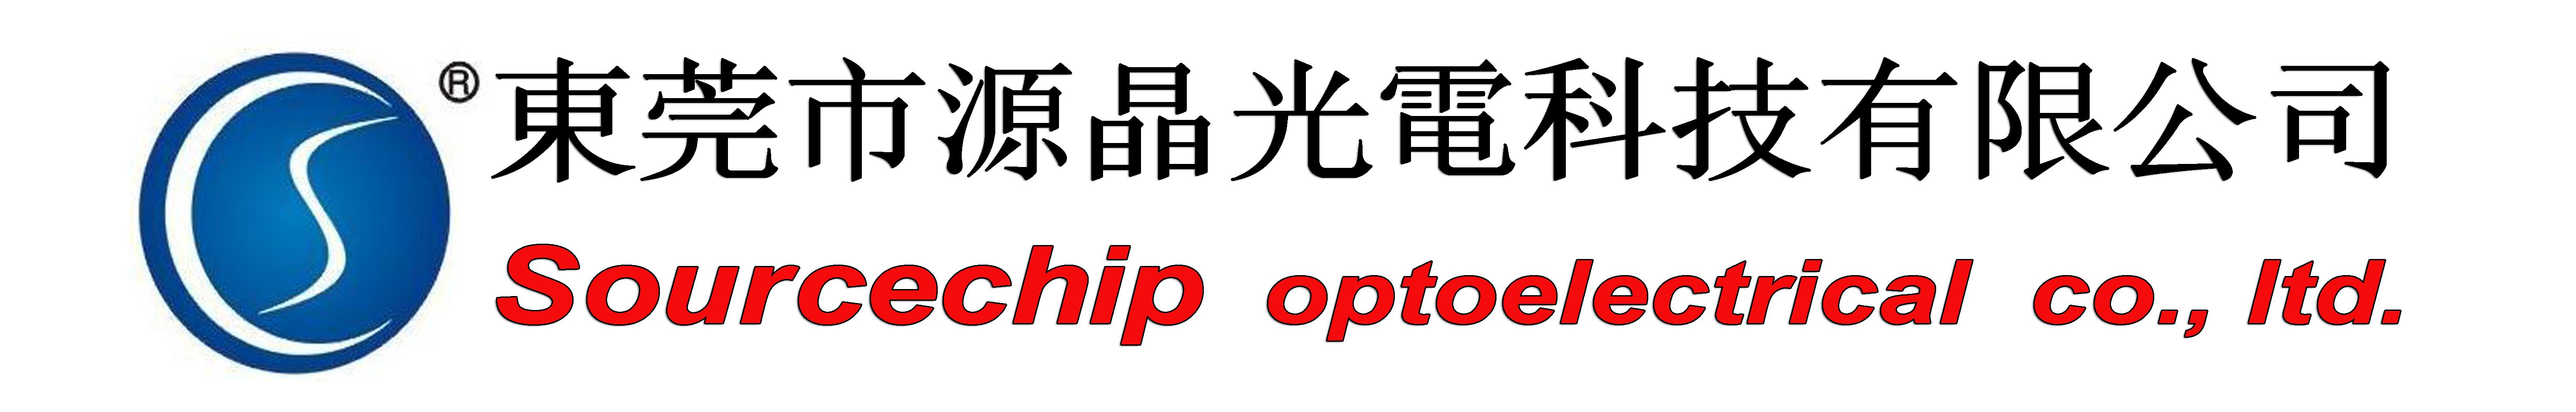 东莞市源晶光电科技有限公司